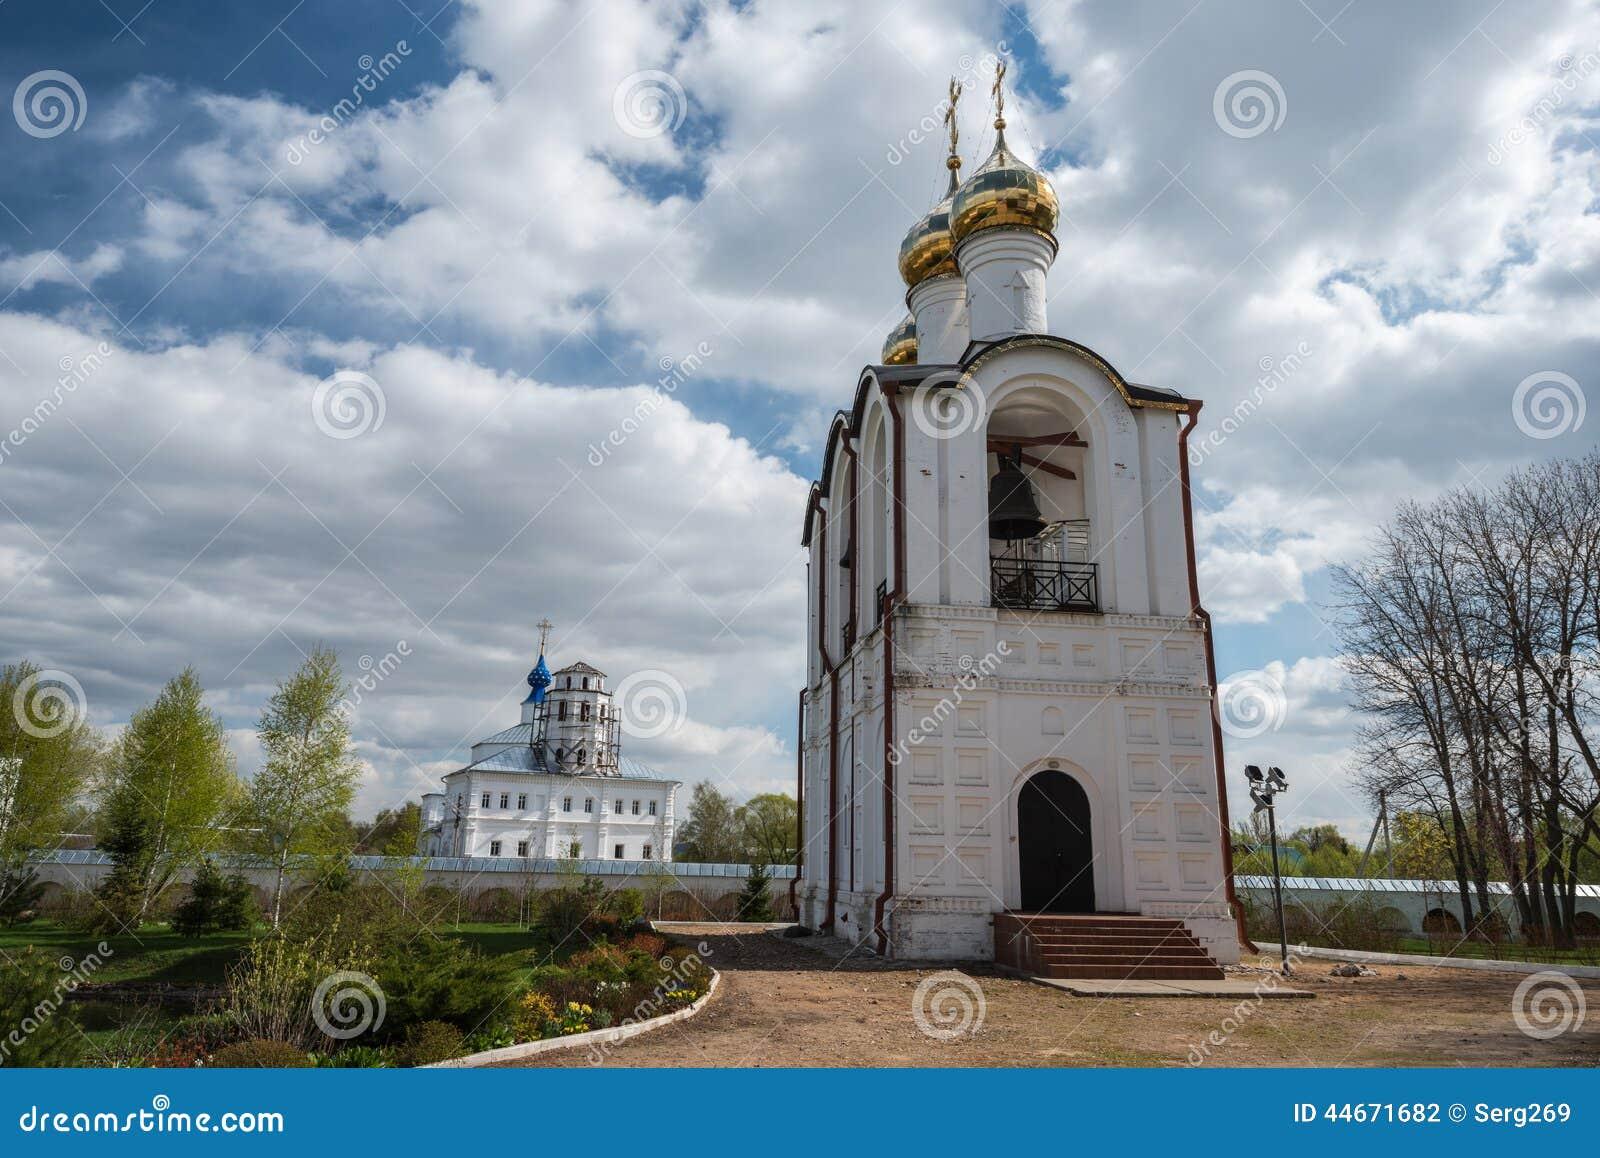 Vue étroite du beffroi au monastère de Saint-Nicolas (Nikolsky)